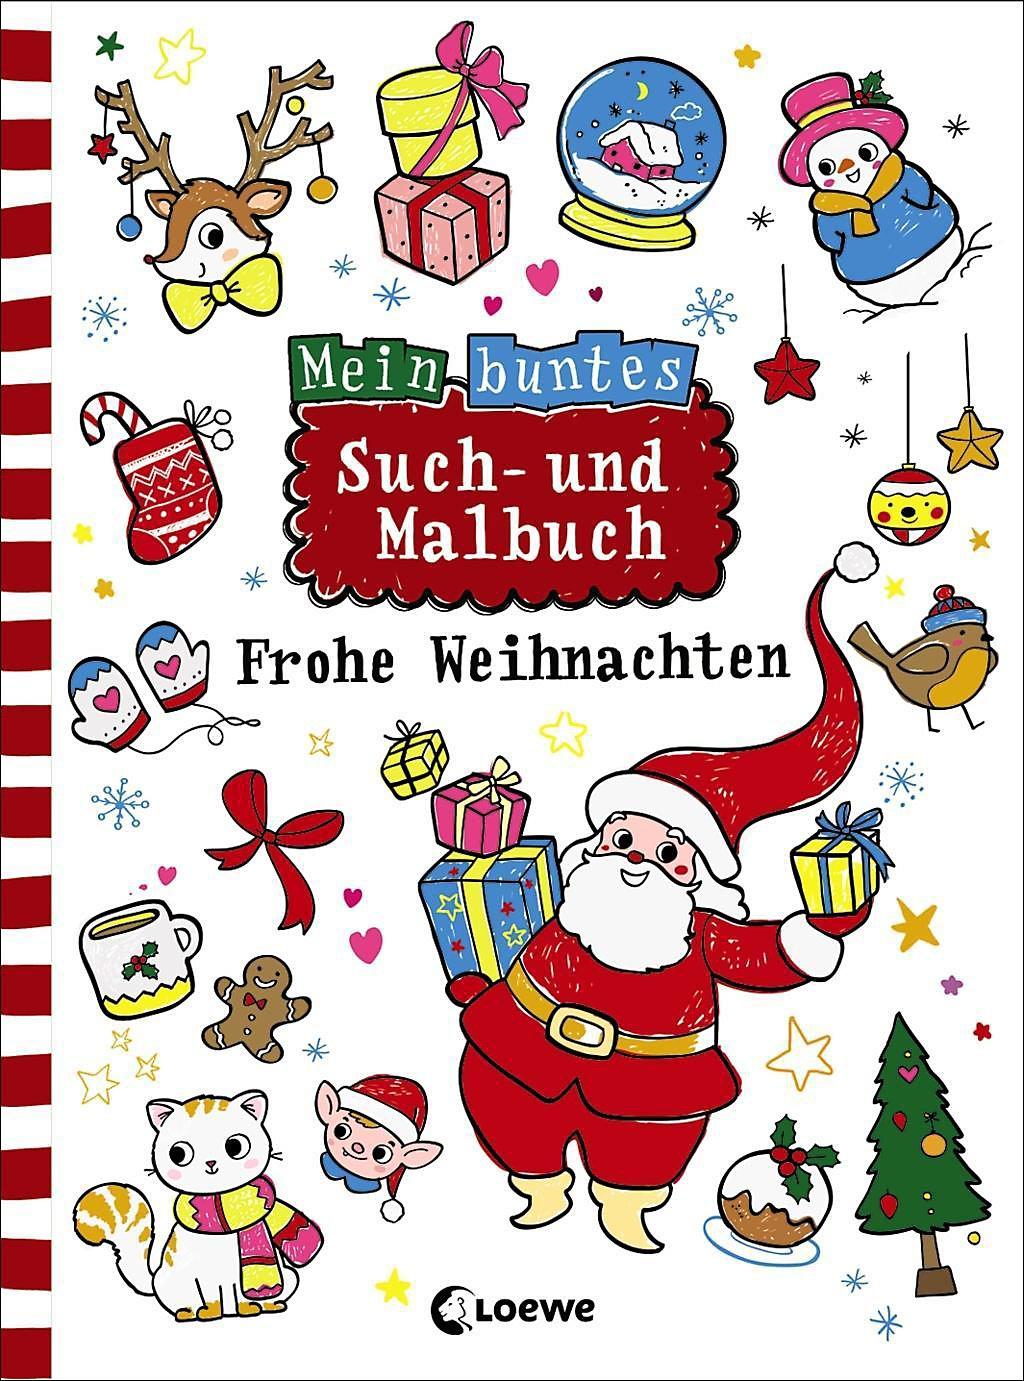 übersetzer Frohe Weihnachten.Mein Buntes Such Und Malbuch Frohe Weihnachten Buch Weltbild Ch